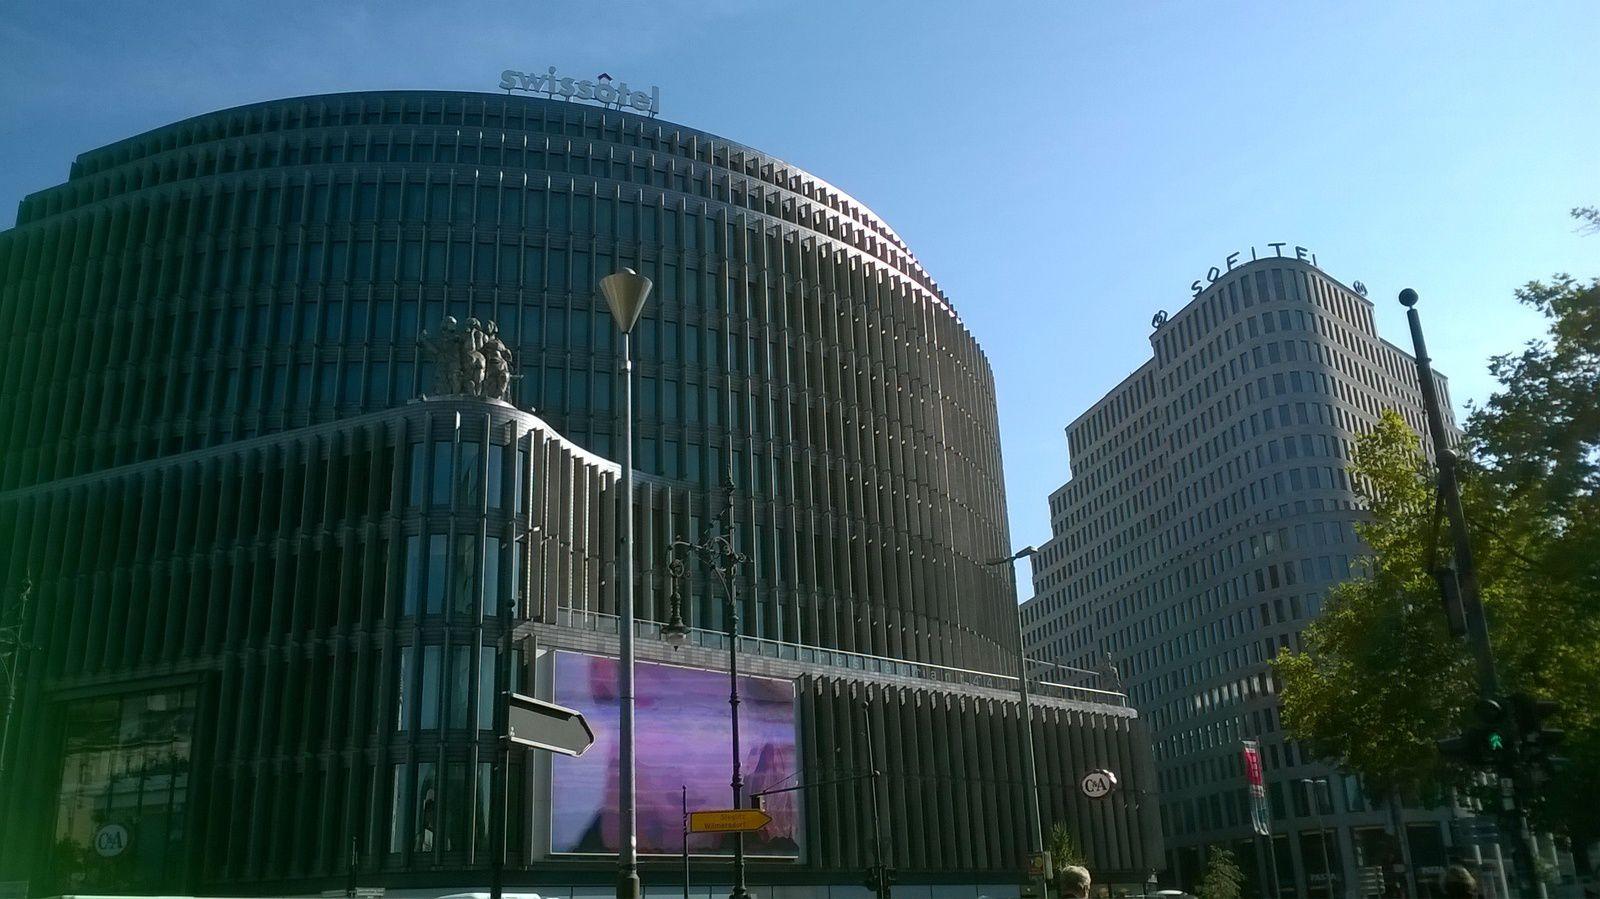 Hôtels Immeubles Berlin